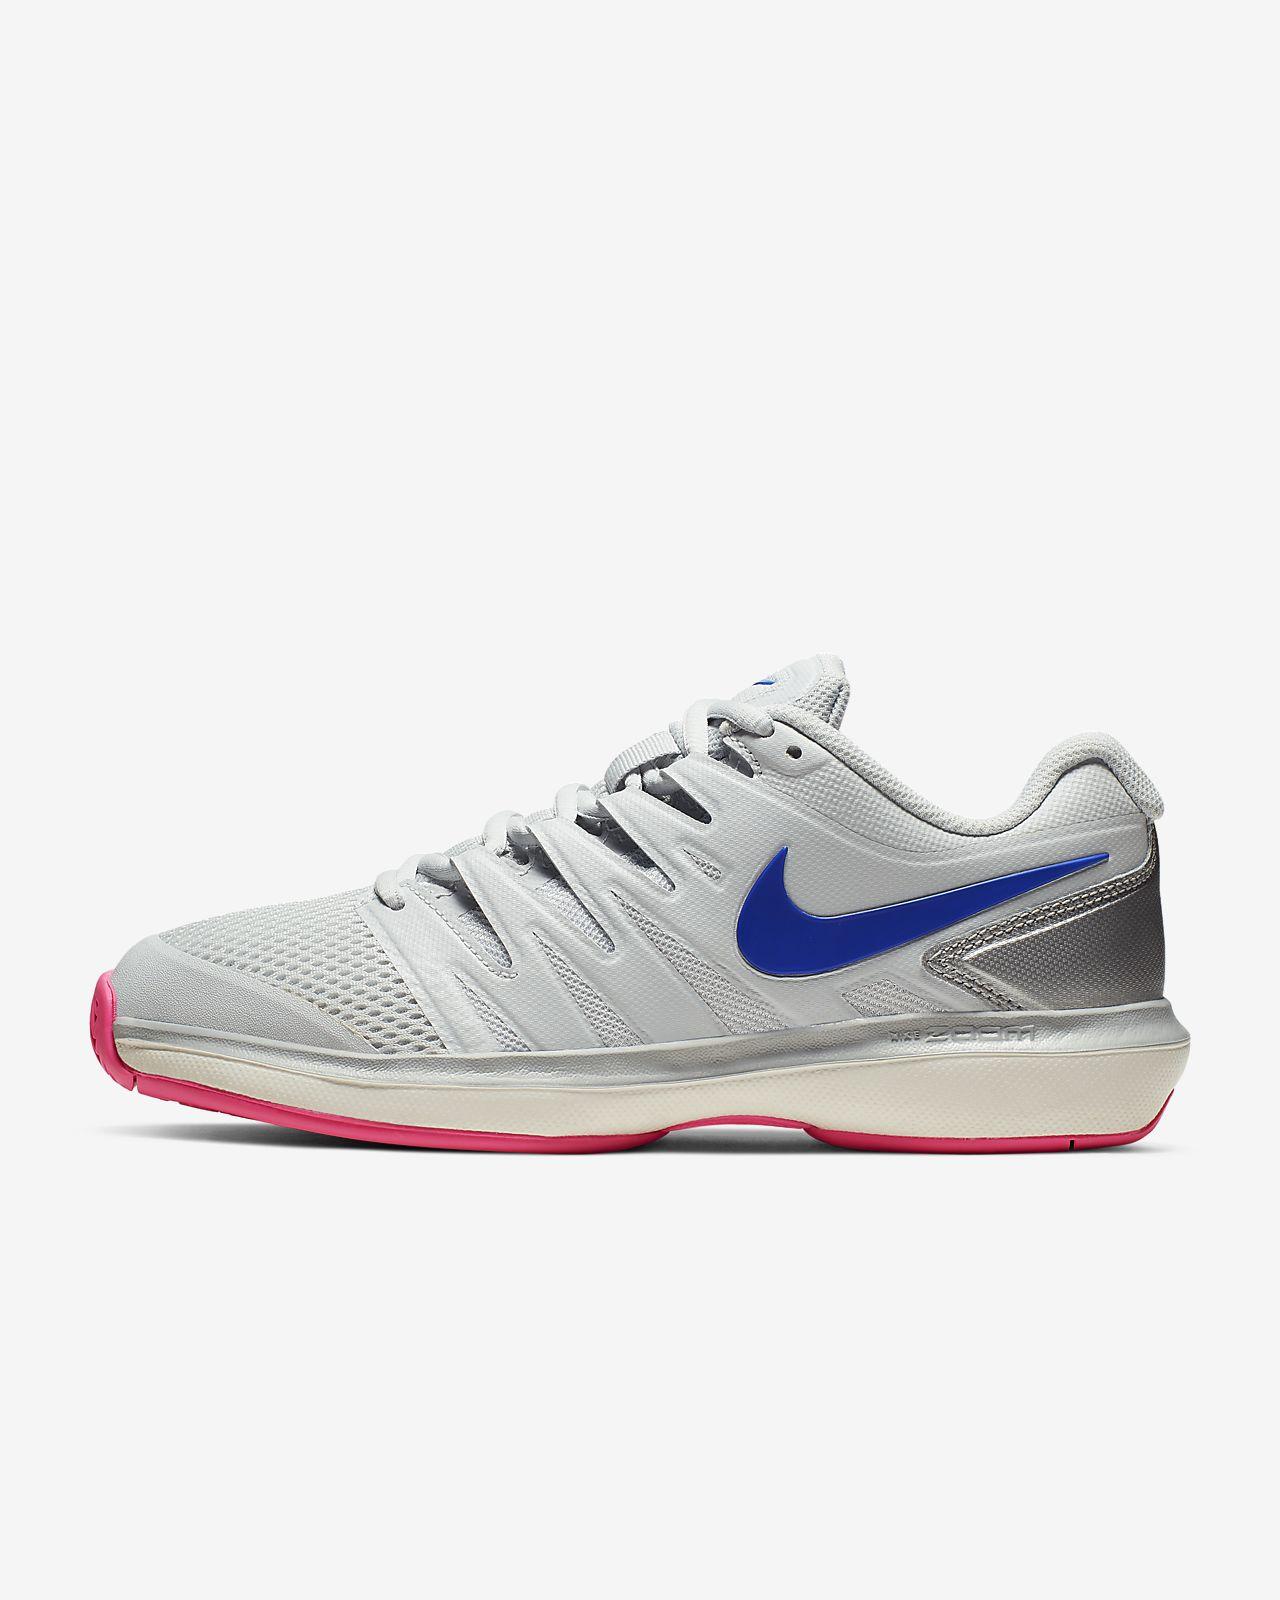 Nike Men s Air Zoom Elite 4 Running Shoe White Metallic